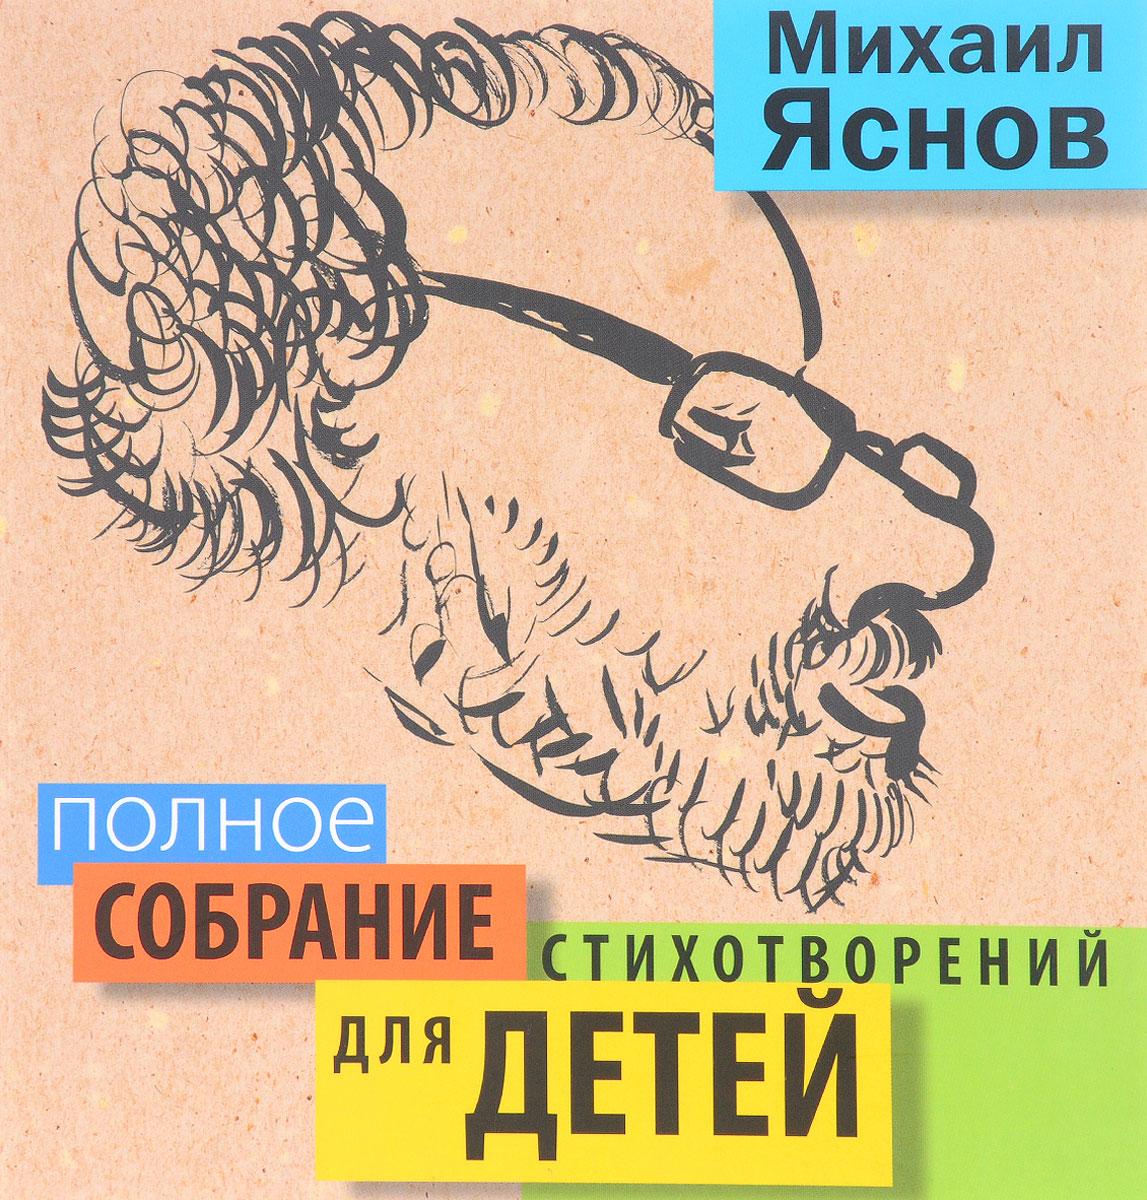 Михаил Яснов. Полное собрание стихотворений для детей